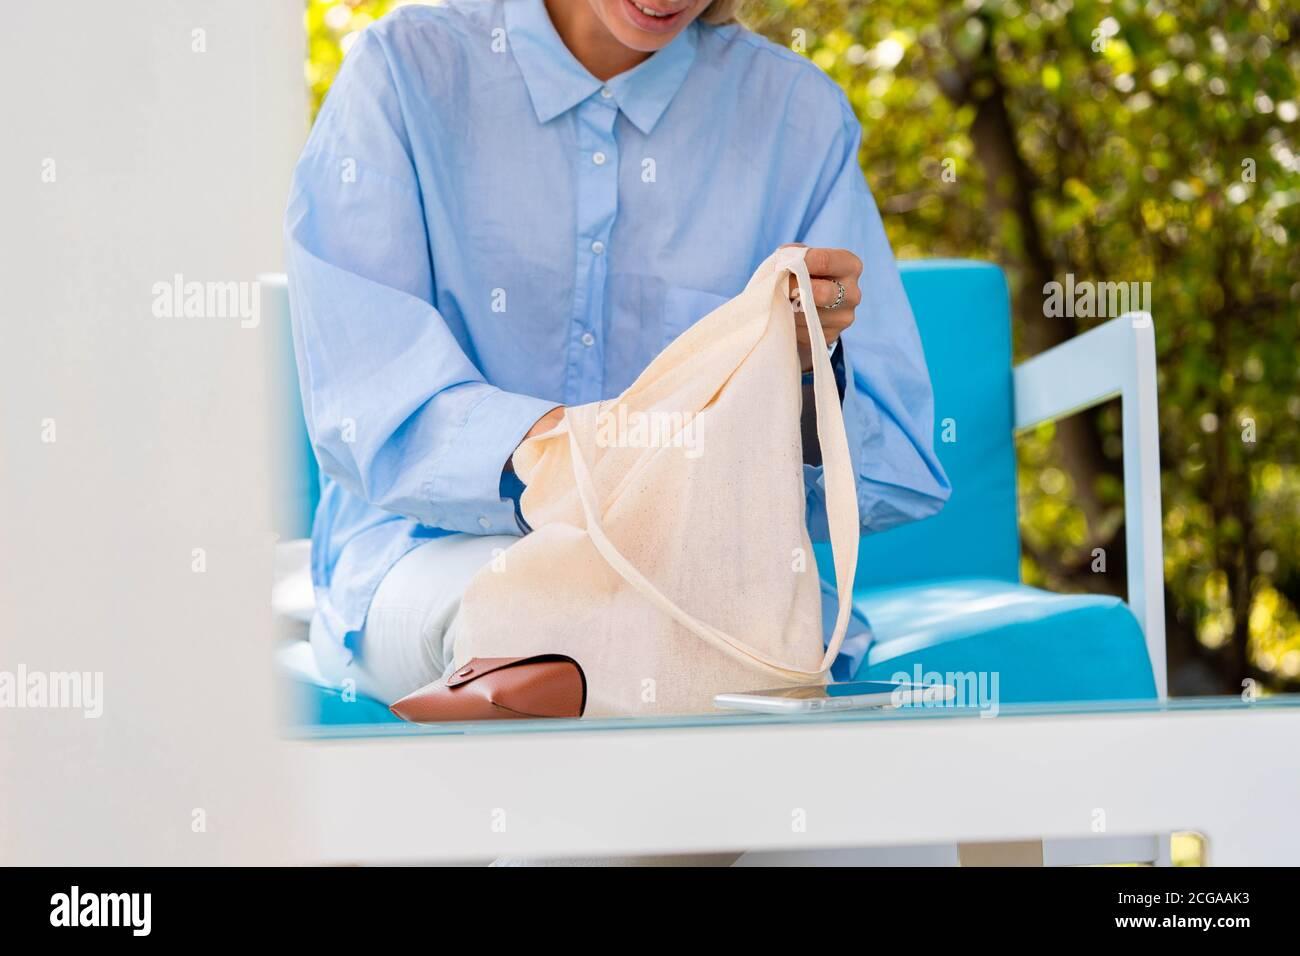 Gros plan sur une femme mettant son téléphone portable dans un sac blanc biodégradable en coton. Produits écologiques. Copier l'espace. Espace vide Banque D'Images